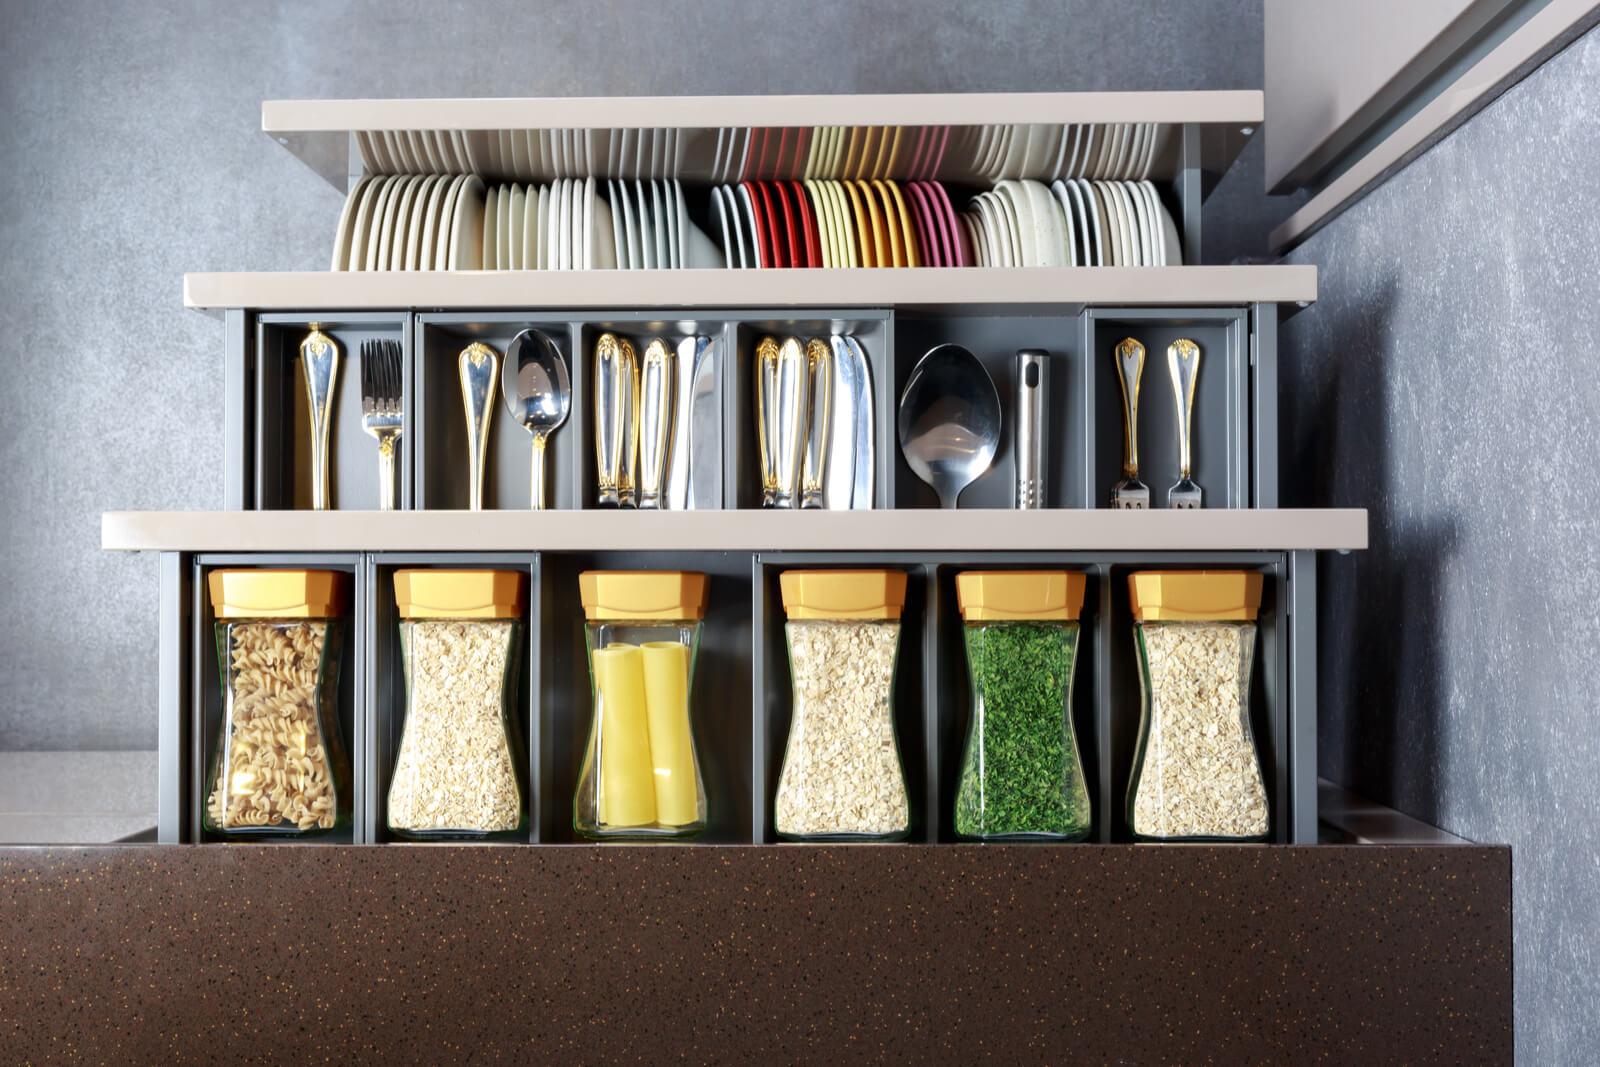 Full Size of Ikea Küchentheke Betten Bei Küche Kosten 160x200 Kaufen Modulküche Miniküche Sofa Mit Schlaffunktion Wohnzimmer Ikea Küchentheke